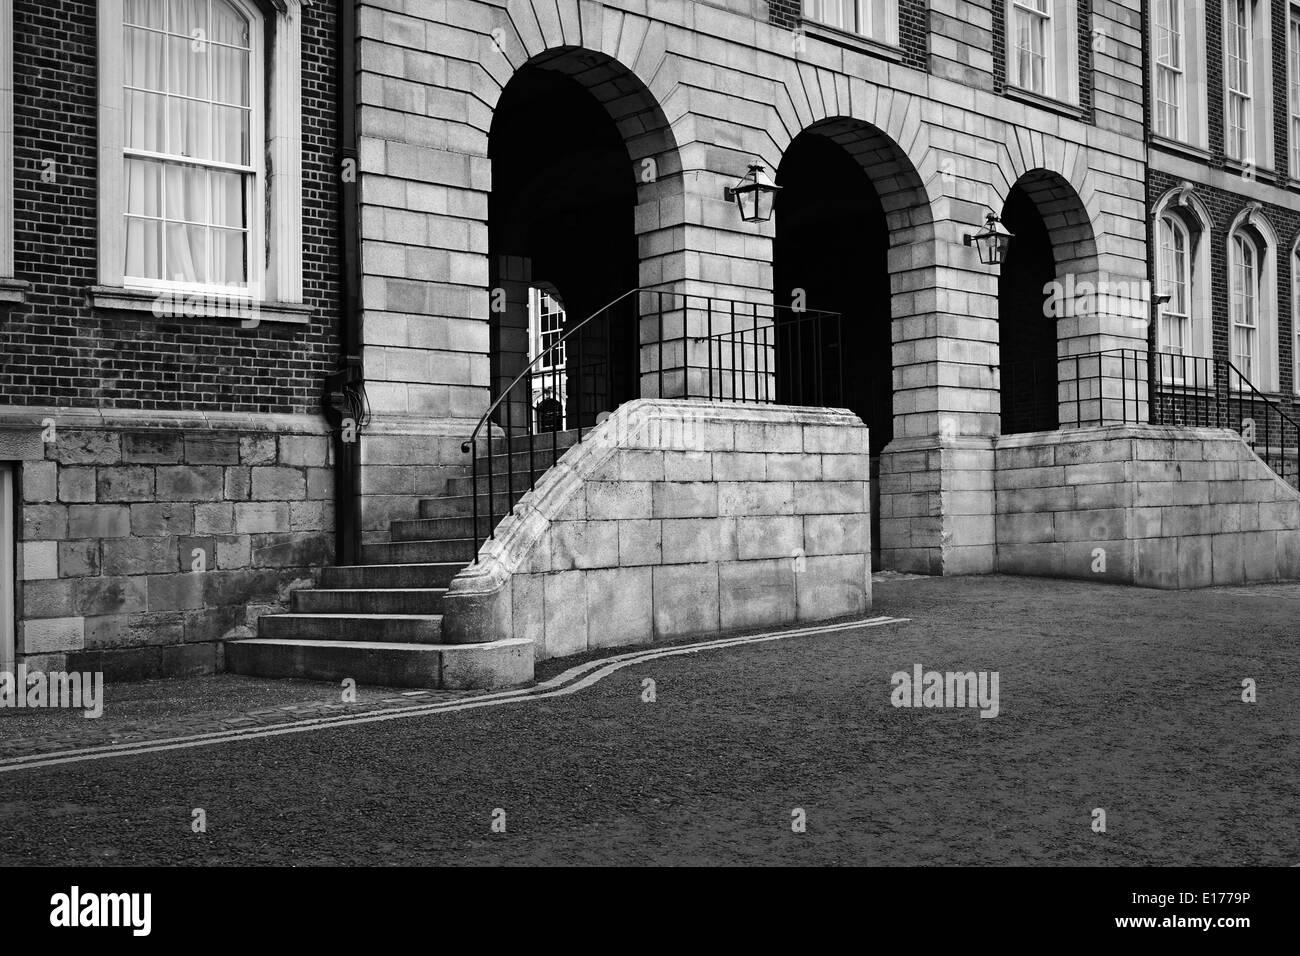 Dublin Castle Quadrangle and Arches - Stock Image